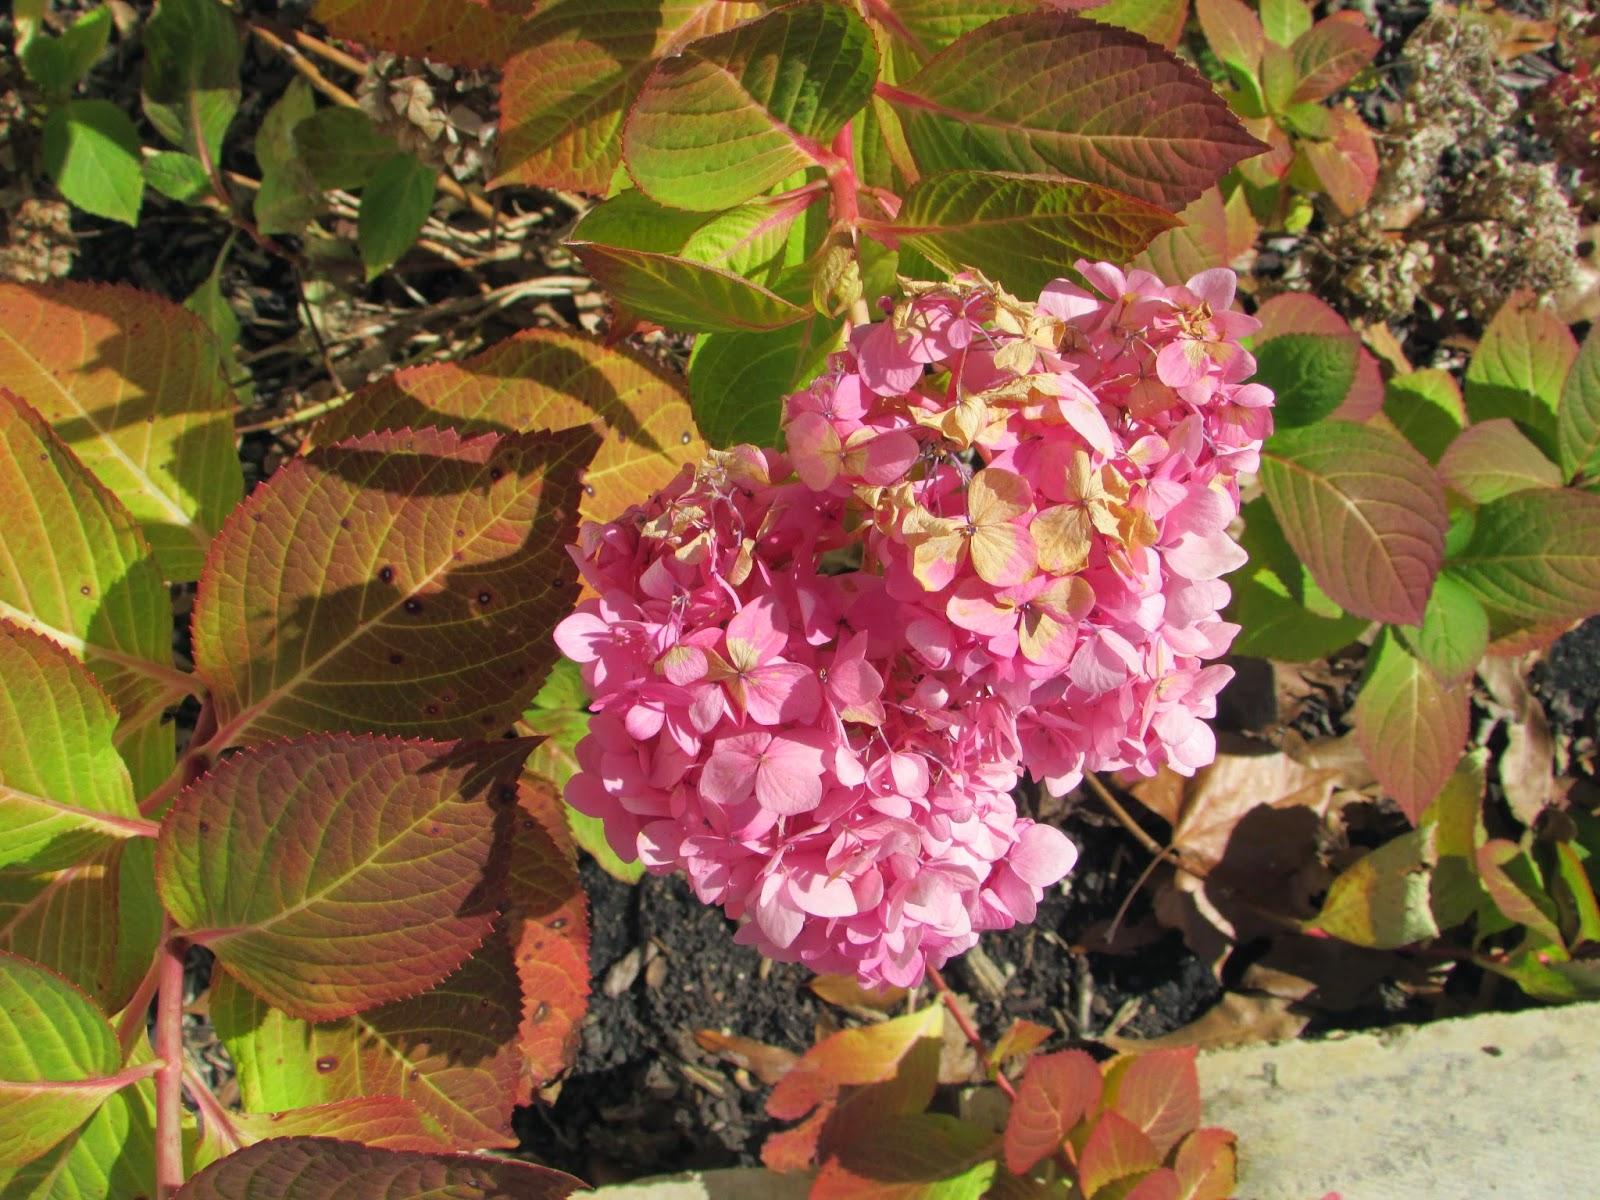 http://easttexasgardening.tamu.edu/homegardens/Shade/hydrangeas.html